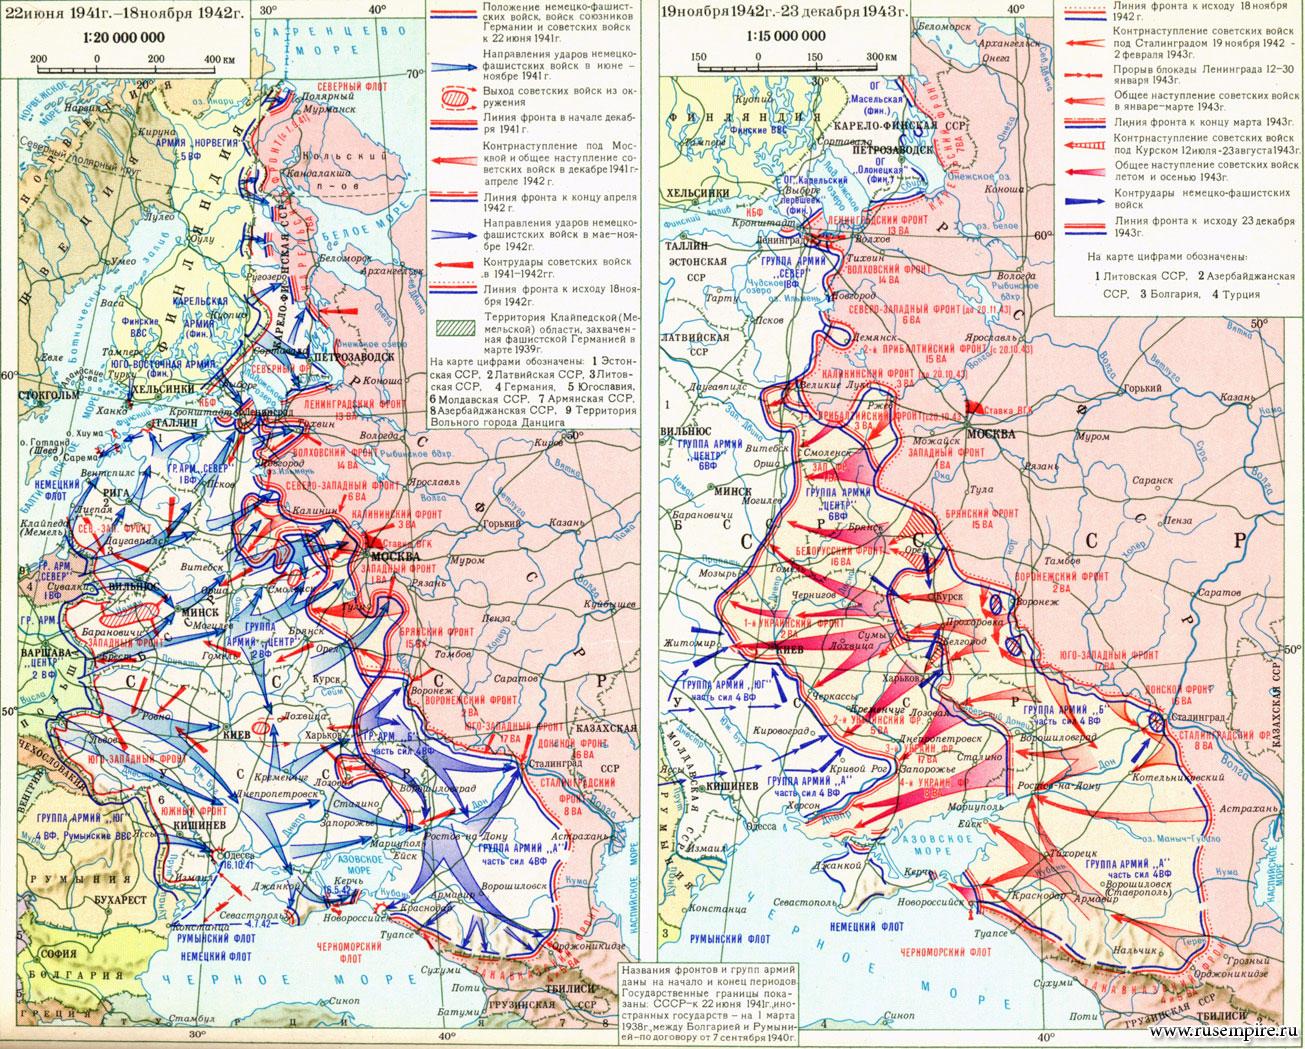 1945 отечественная война фотографии 1941-1945